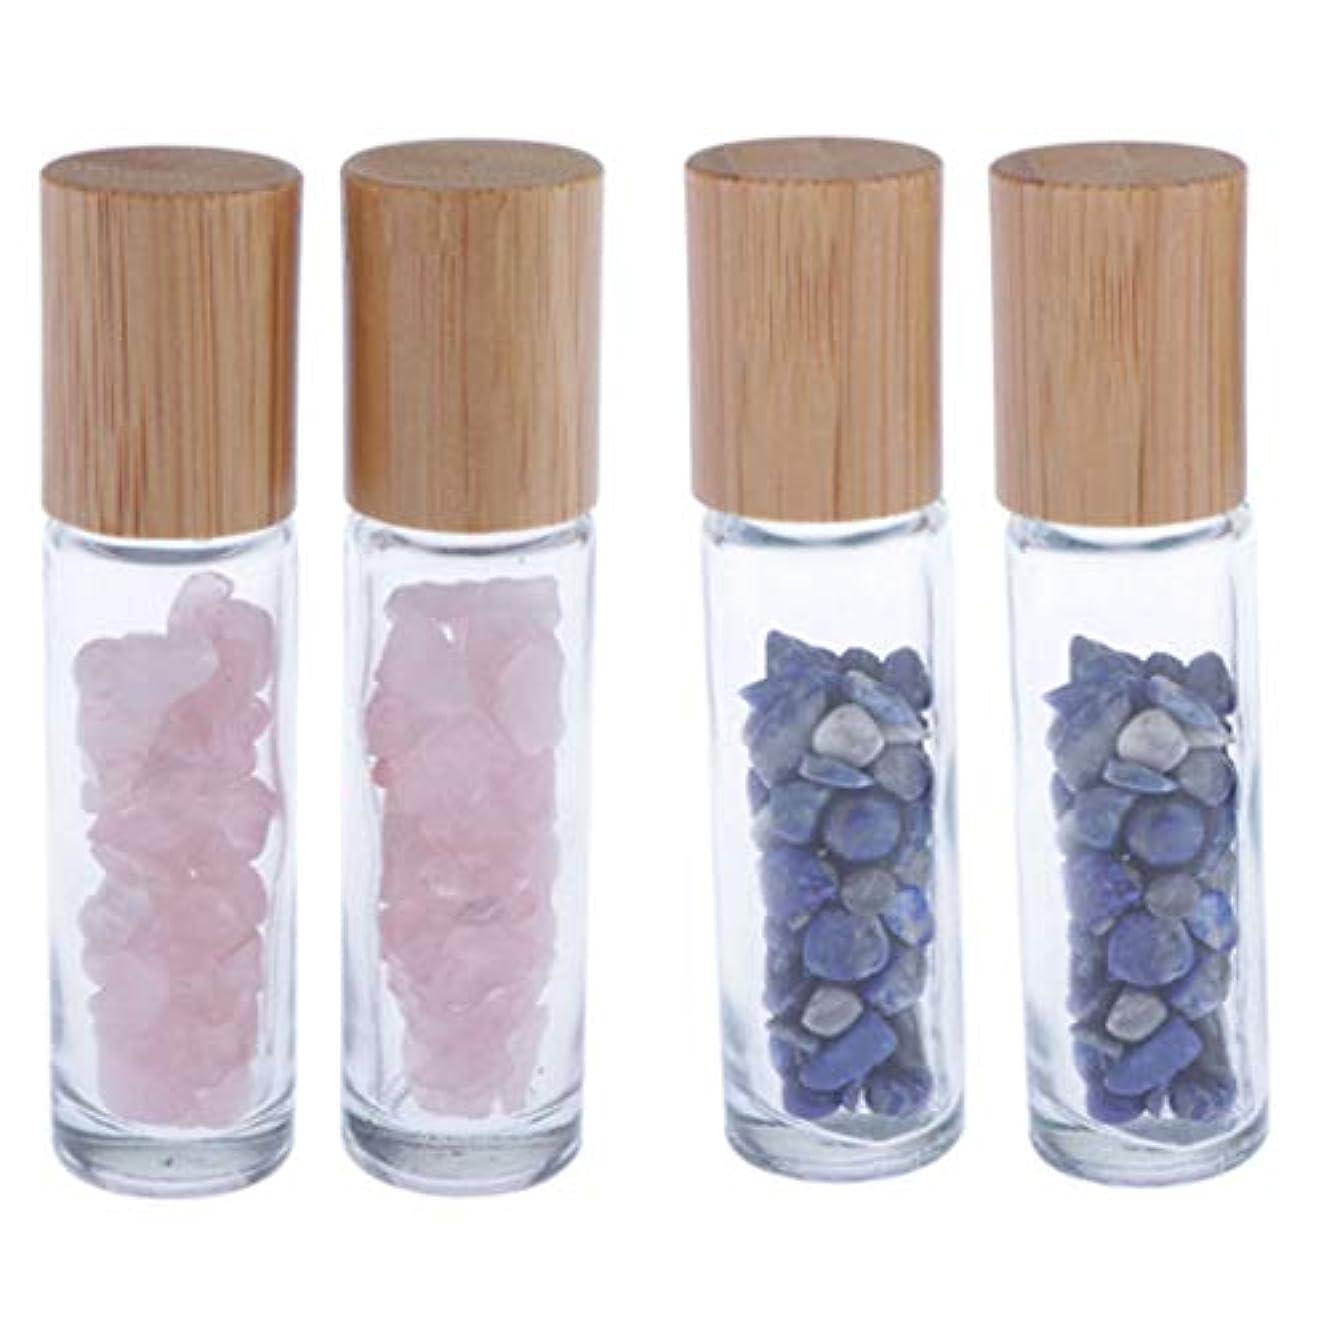 裸排気スロープsharprepublic 香水 ロールオンボトル 詰め替え ロールオンボトル 10ml 容器 エッセンシャルオイル